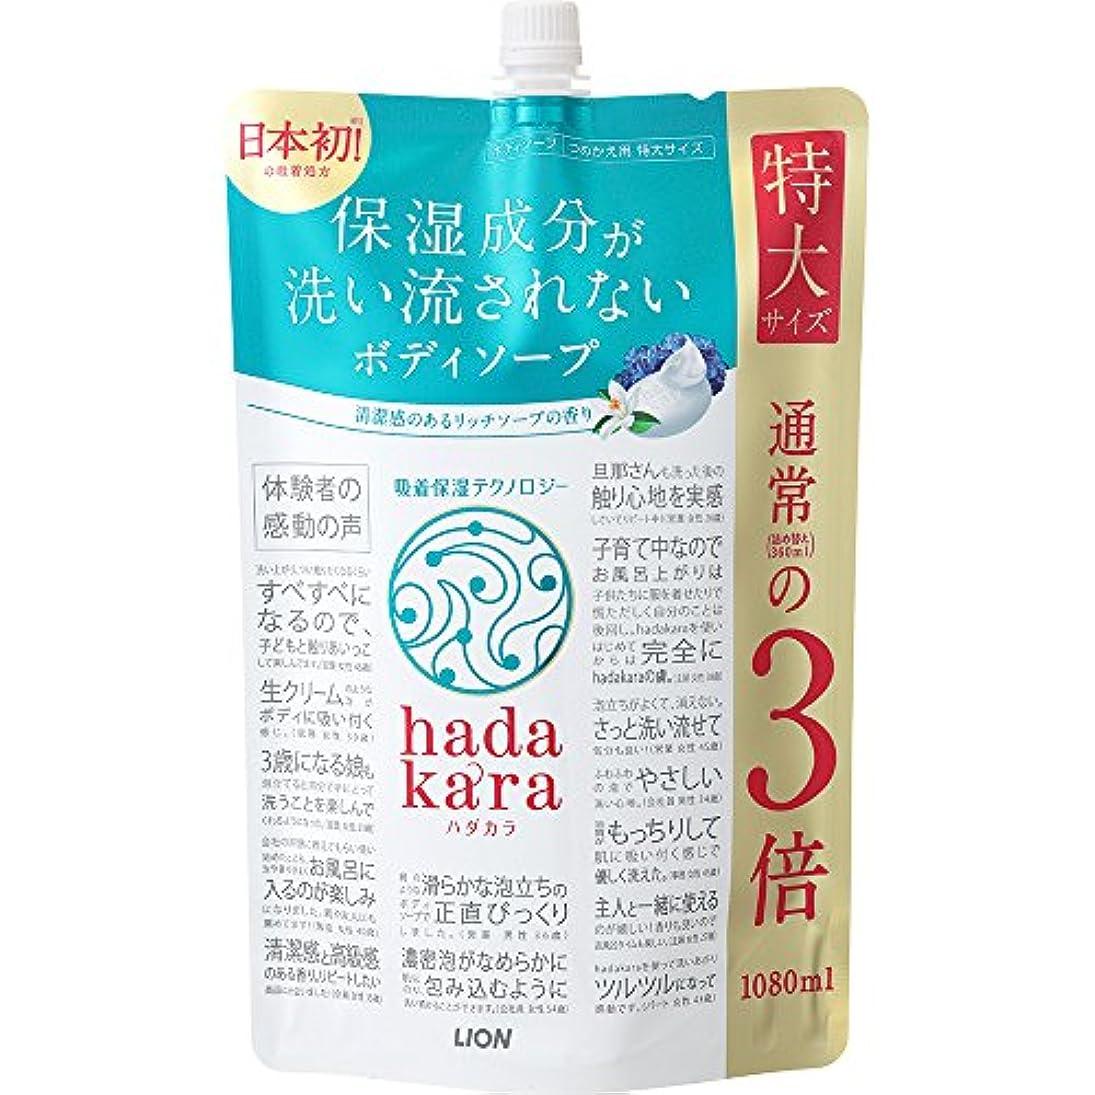 垂直キッチン同意する【大容量】hadakara(ハダカラ) ボディソープ リッチソープの香り 詰め替え 特大 1080ml